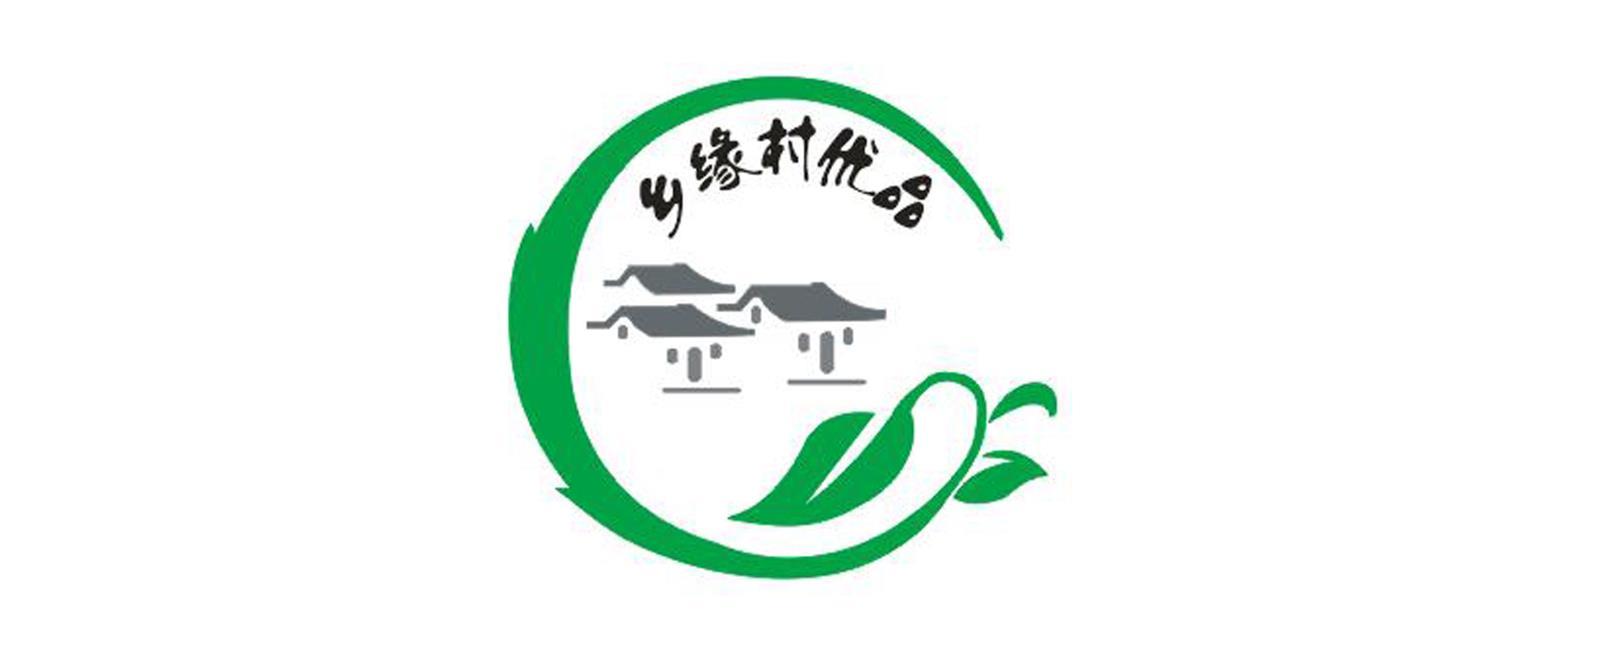 重庆村优品爱游戏官方主页